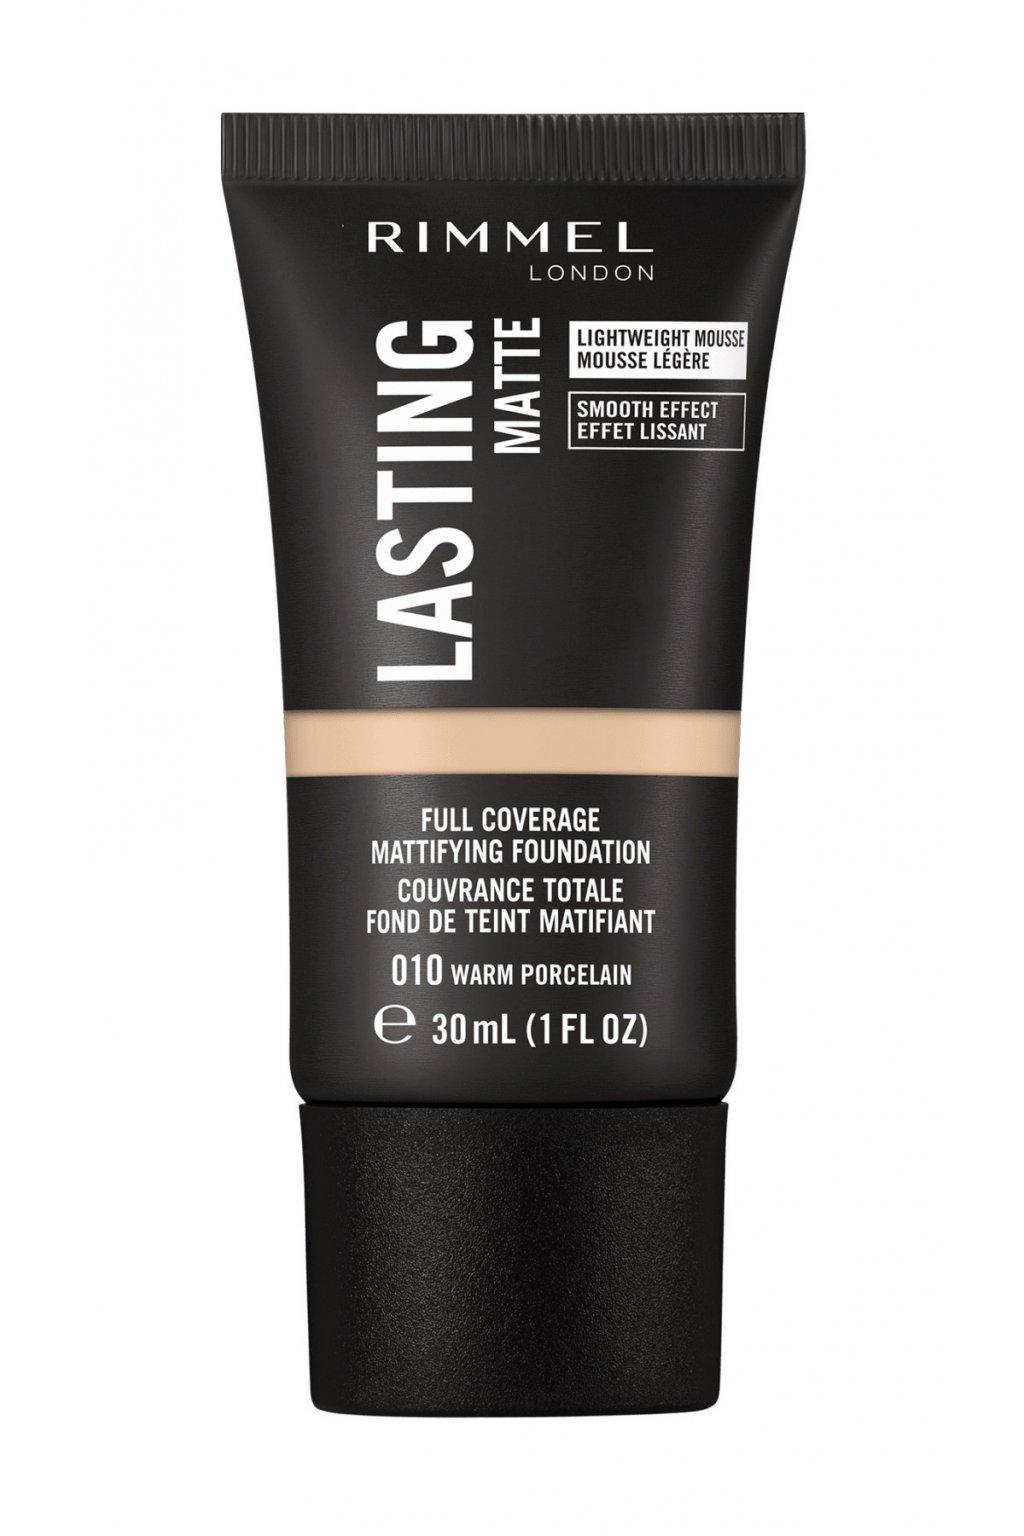 rimmel dlouhotrvajici make up lasting matte full coverage mattifying foundation 30 ml 010